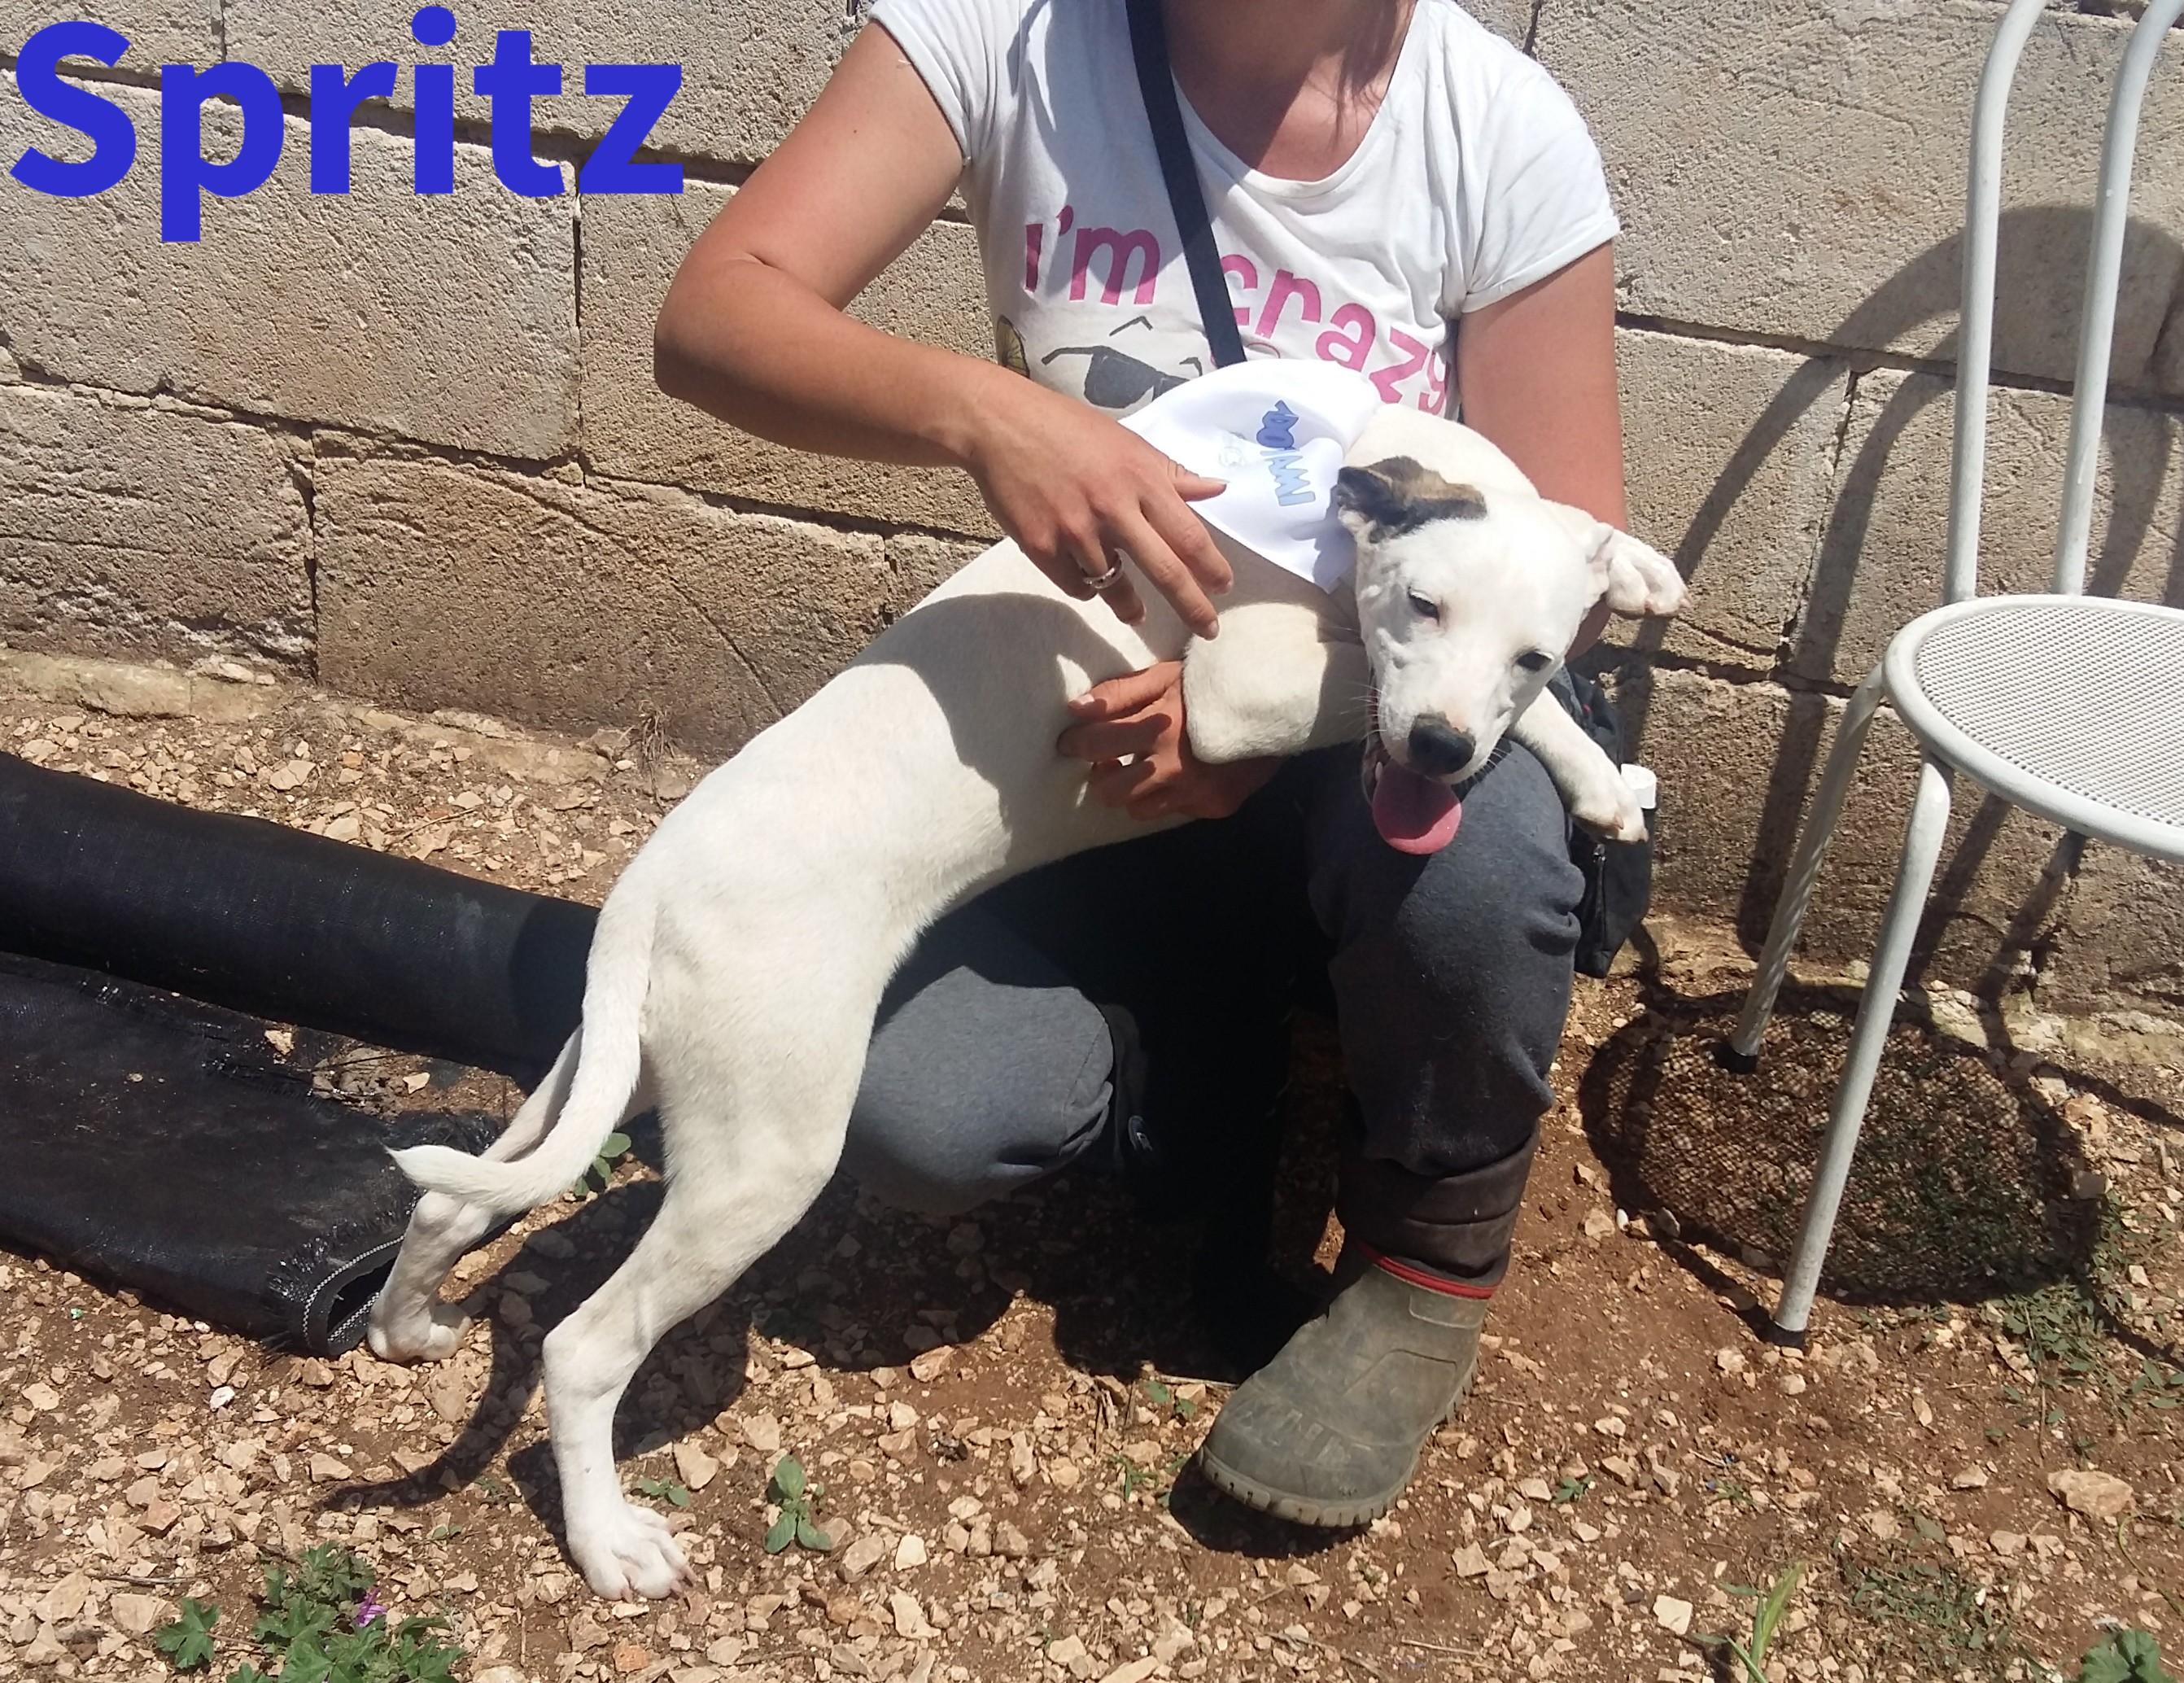 Spritz cerca casa, aiutiamolo! Appello per adozione